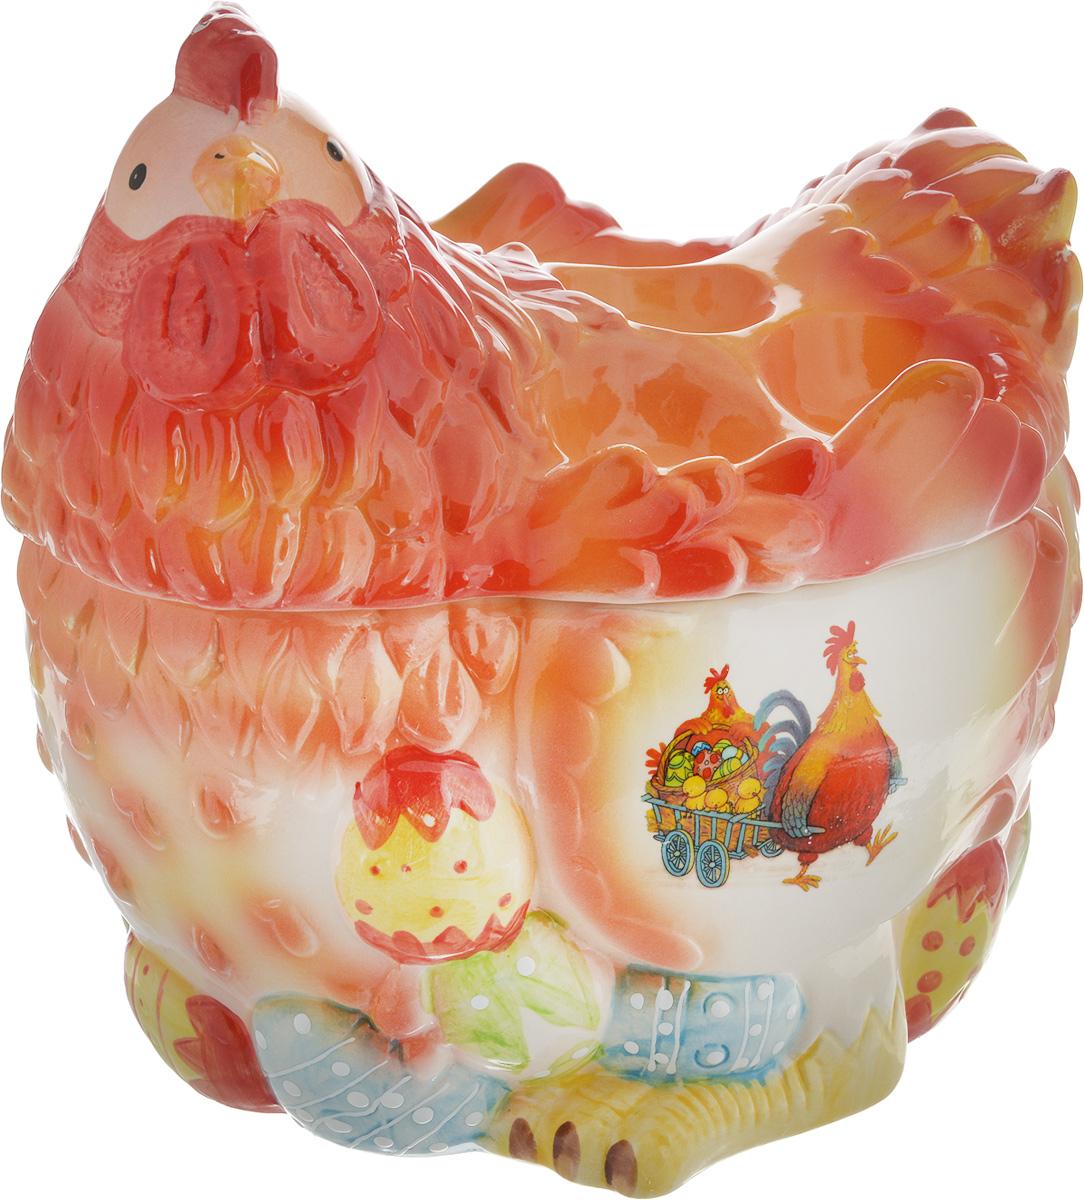 Ваза Win Max Курочка, для пасхальных яиц и угощений, 24 х 26 х 20 смVT-1520(SR)Ваза Win Max изготовлена из высококачественной керамики с глазурованным покрытием и оформлена рельефным рисунком. Изделие дополнено крышкой, которая выполнена в виде фигурки курочки. На крышке расположено 5 подставок для яиц. Оригинальный дизайн украсит интерьер вашей кухни, а функциональность порадует любую хозяйку. Размеры емкости (без учета крышки): 24 х 20 х 13 смВысота крышки: 13 см